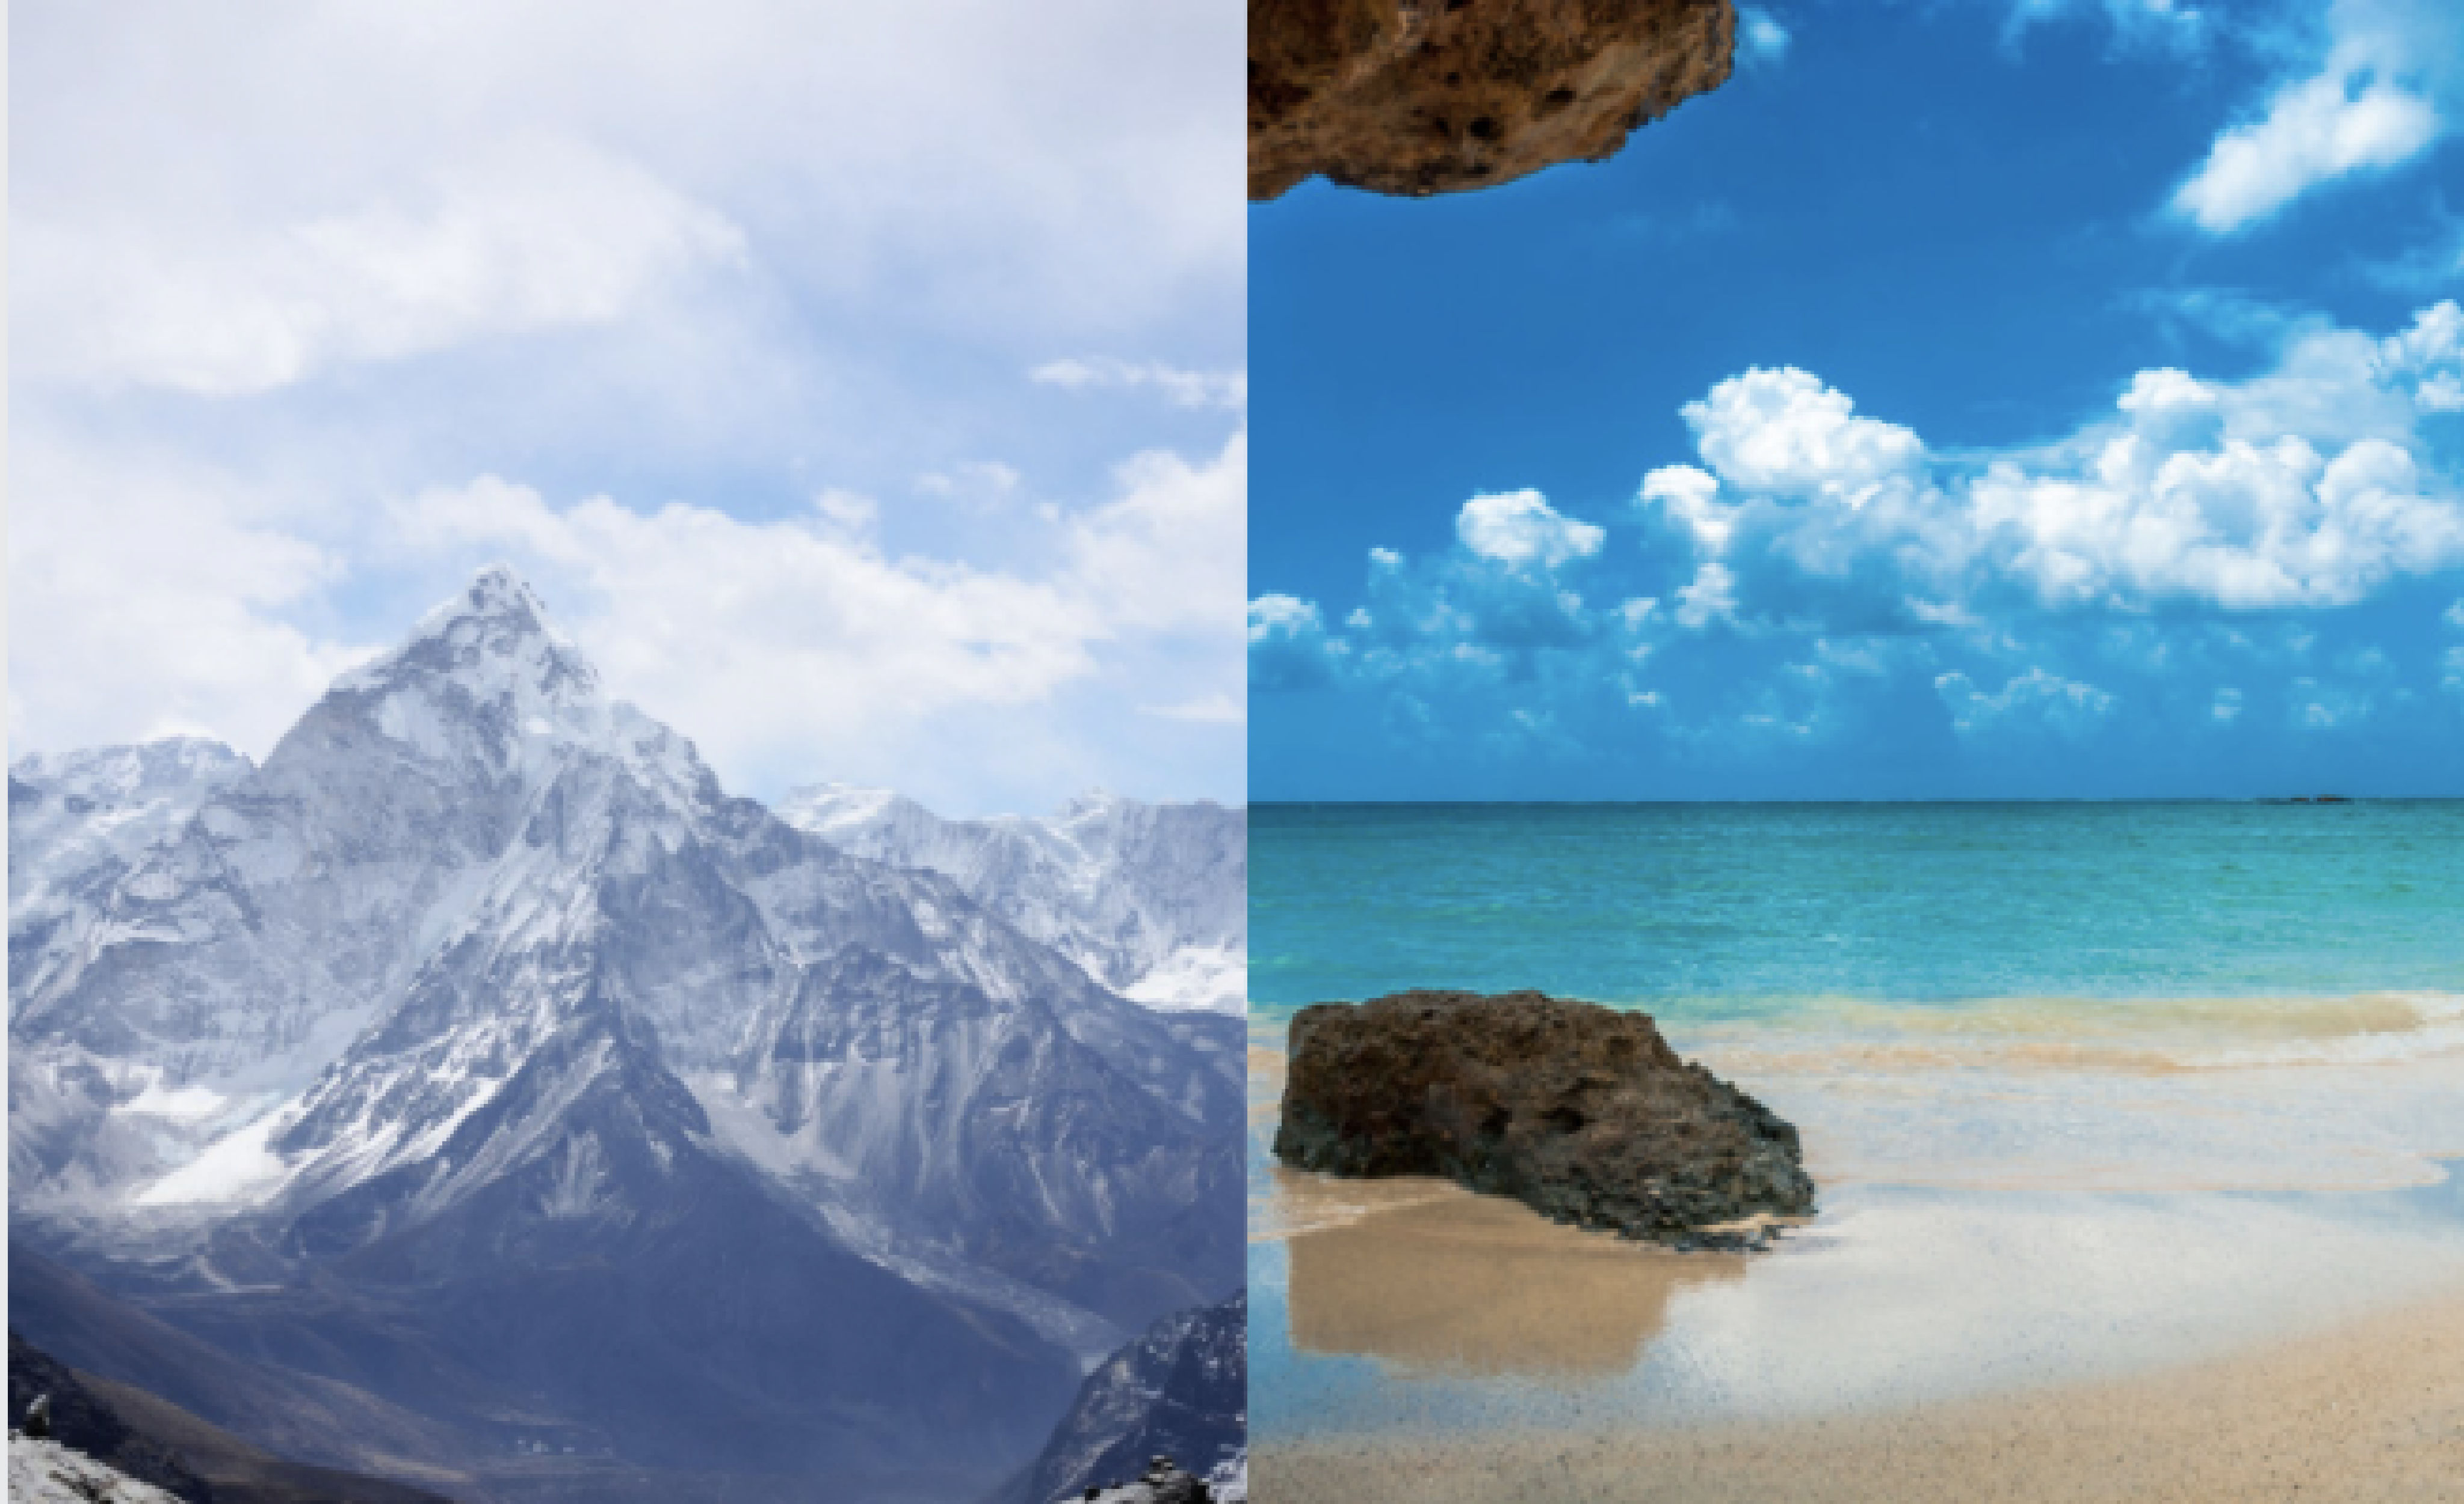 mountains or beaches